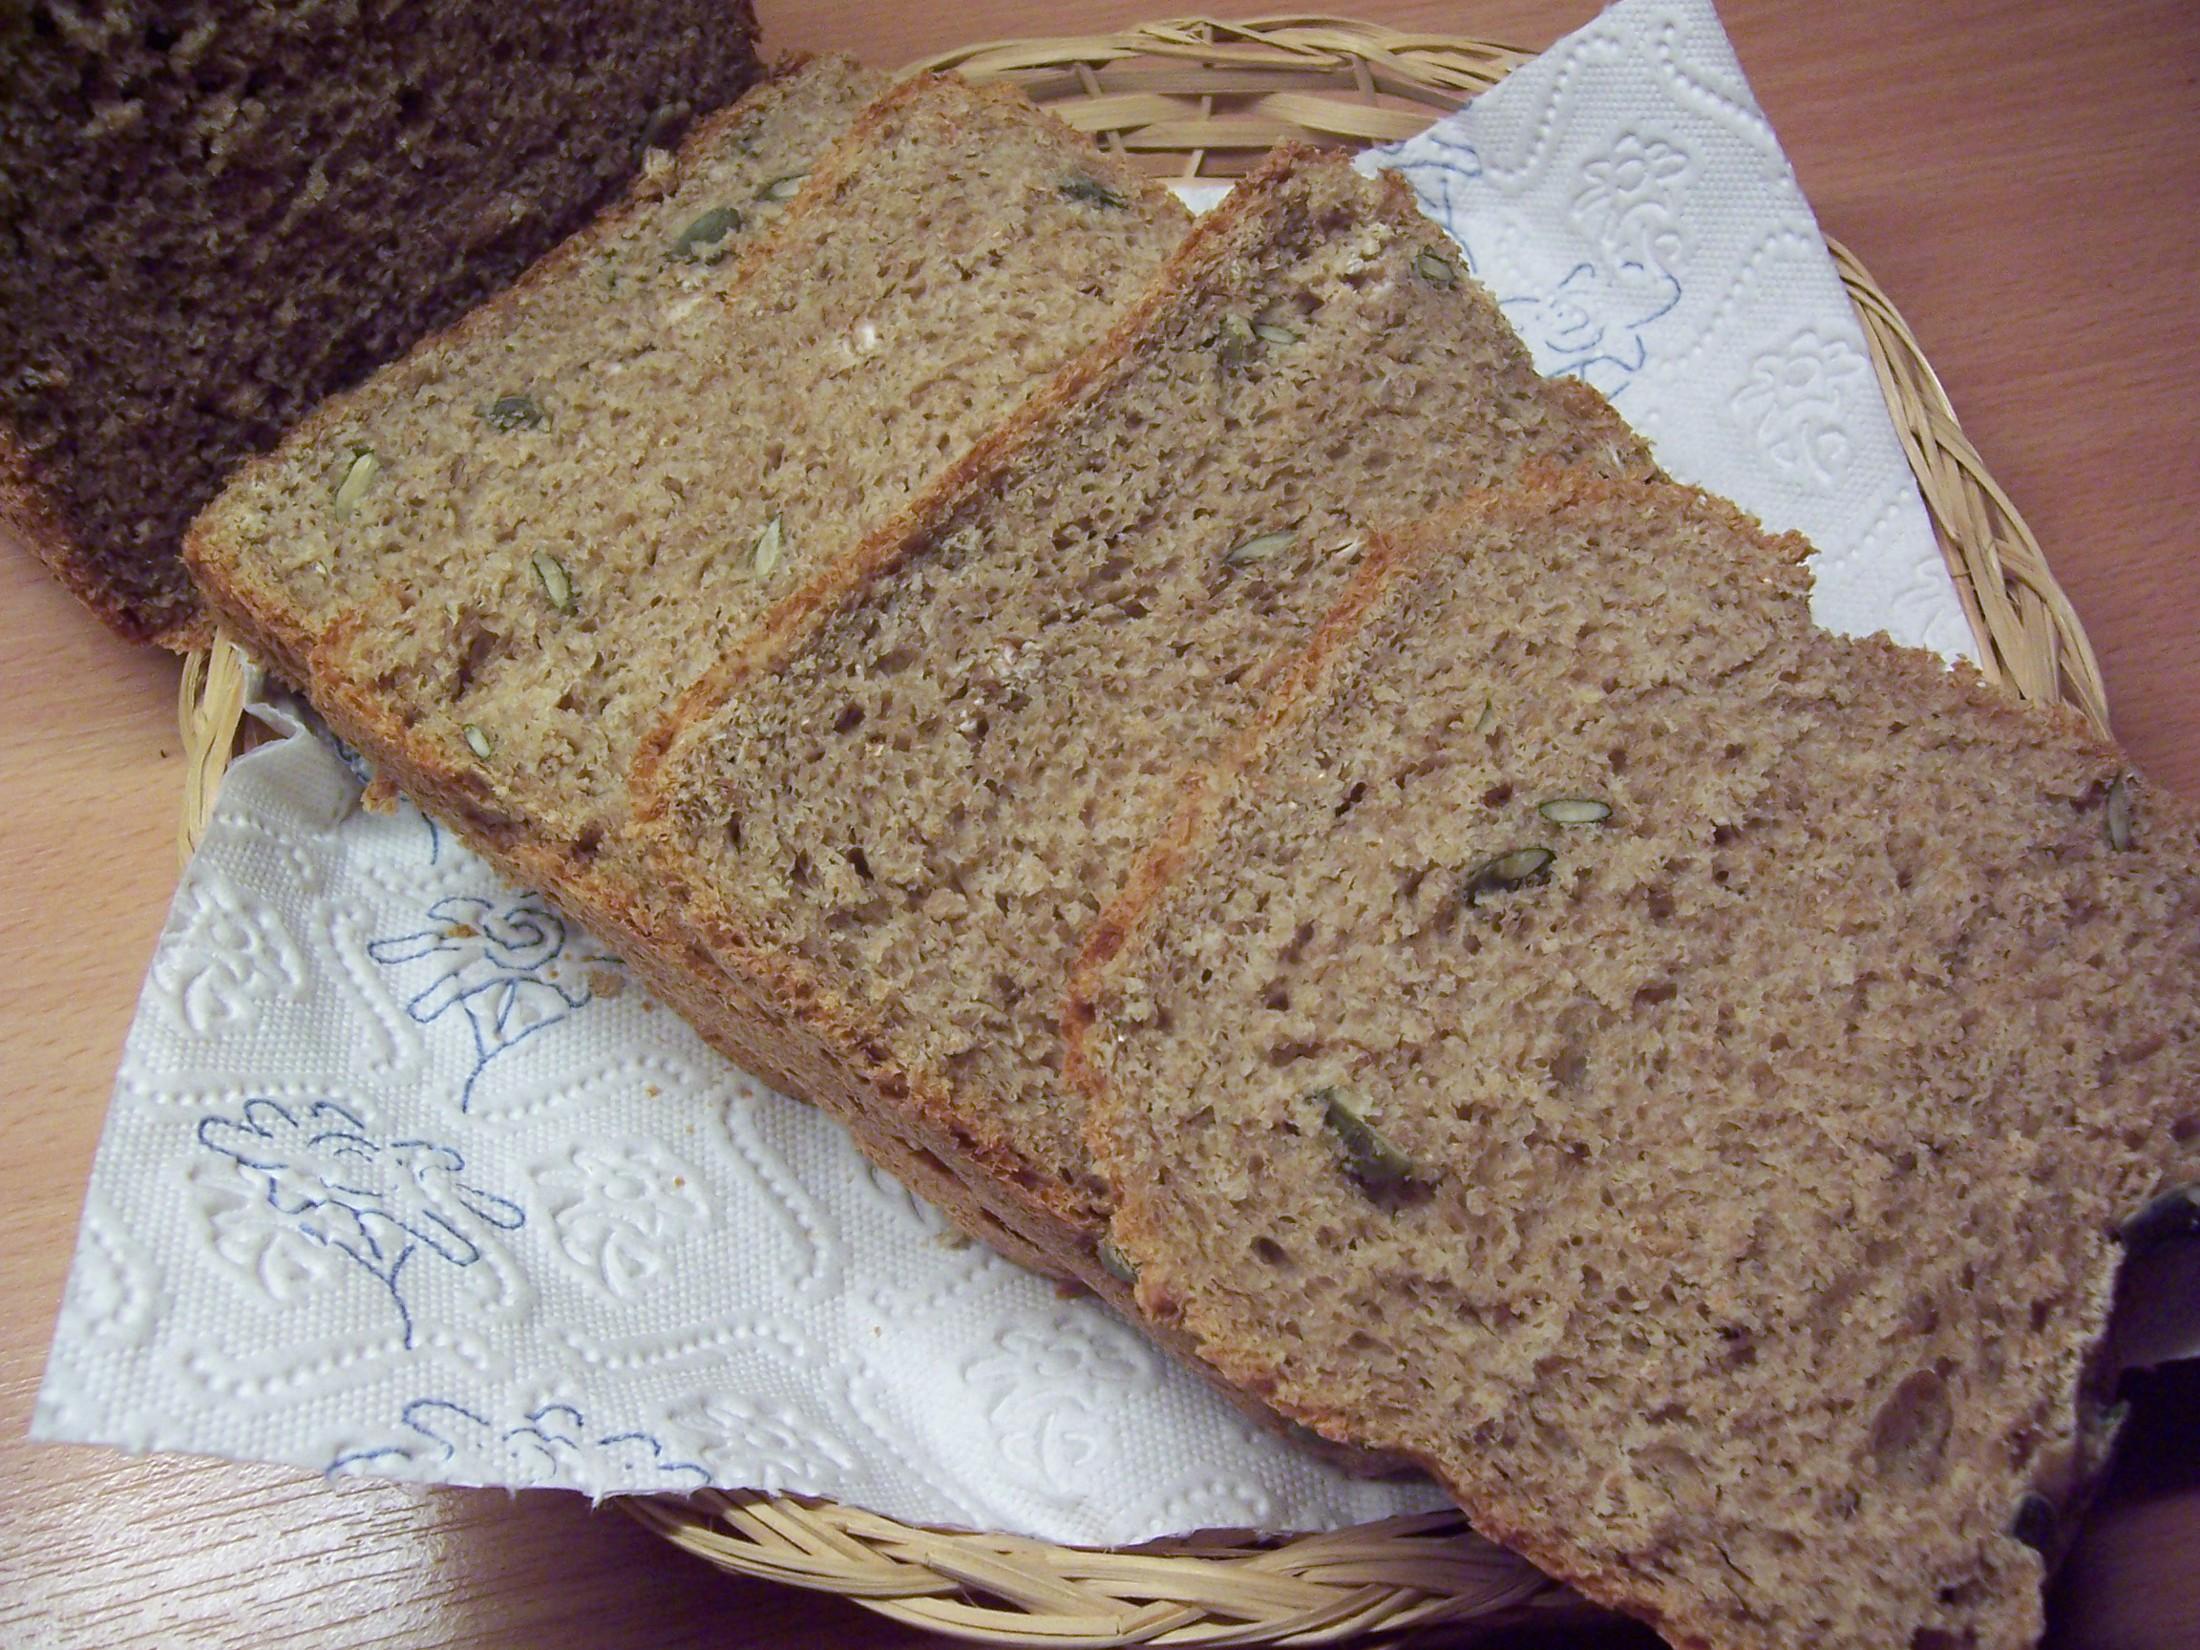 Celozrnný chléb s dýňovými semínky